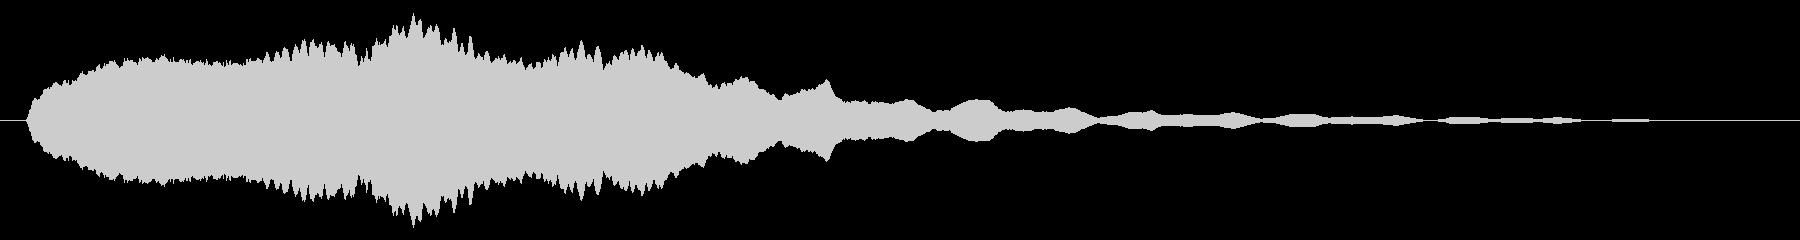 素材 大気フィードバックシンセサイ...の未再生の波形